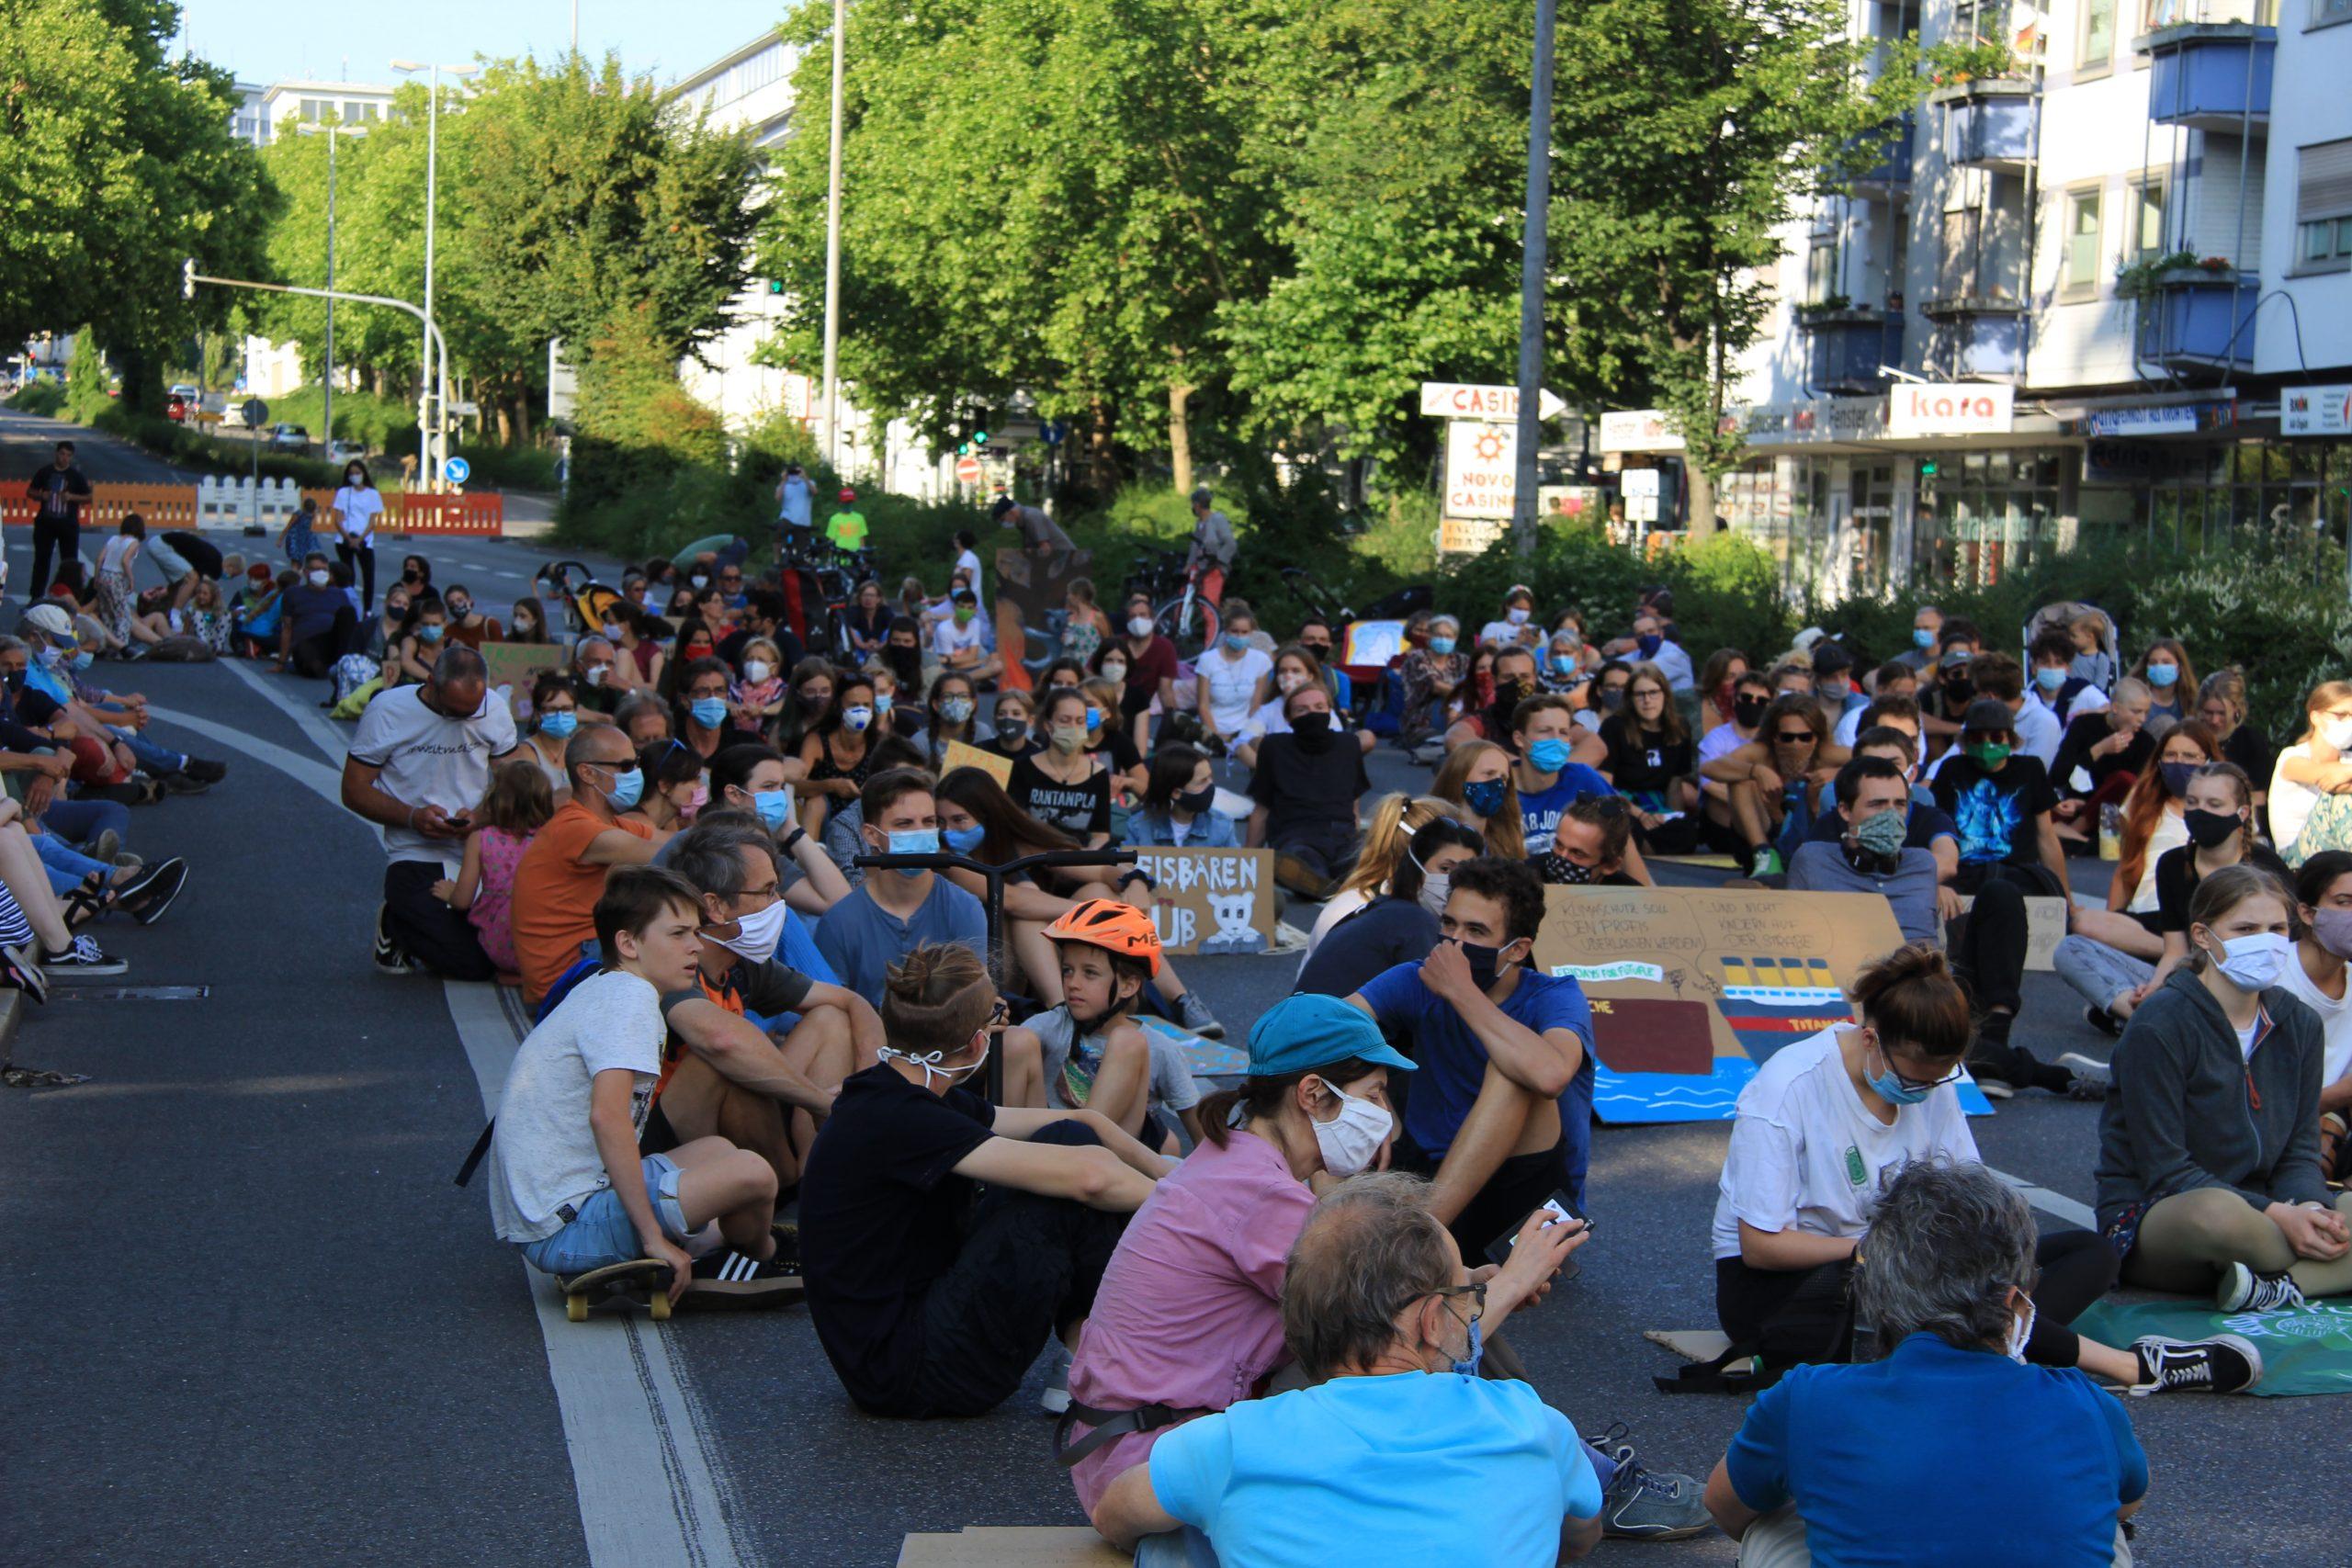 Sitzstreik von Fridays For Future auf der Karlstraße